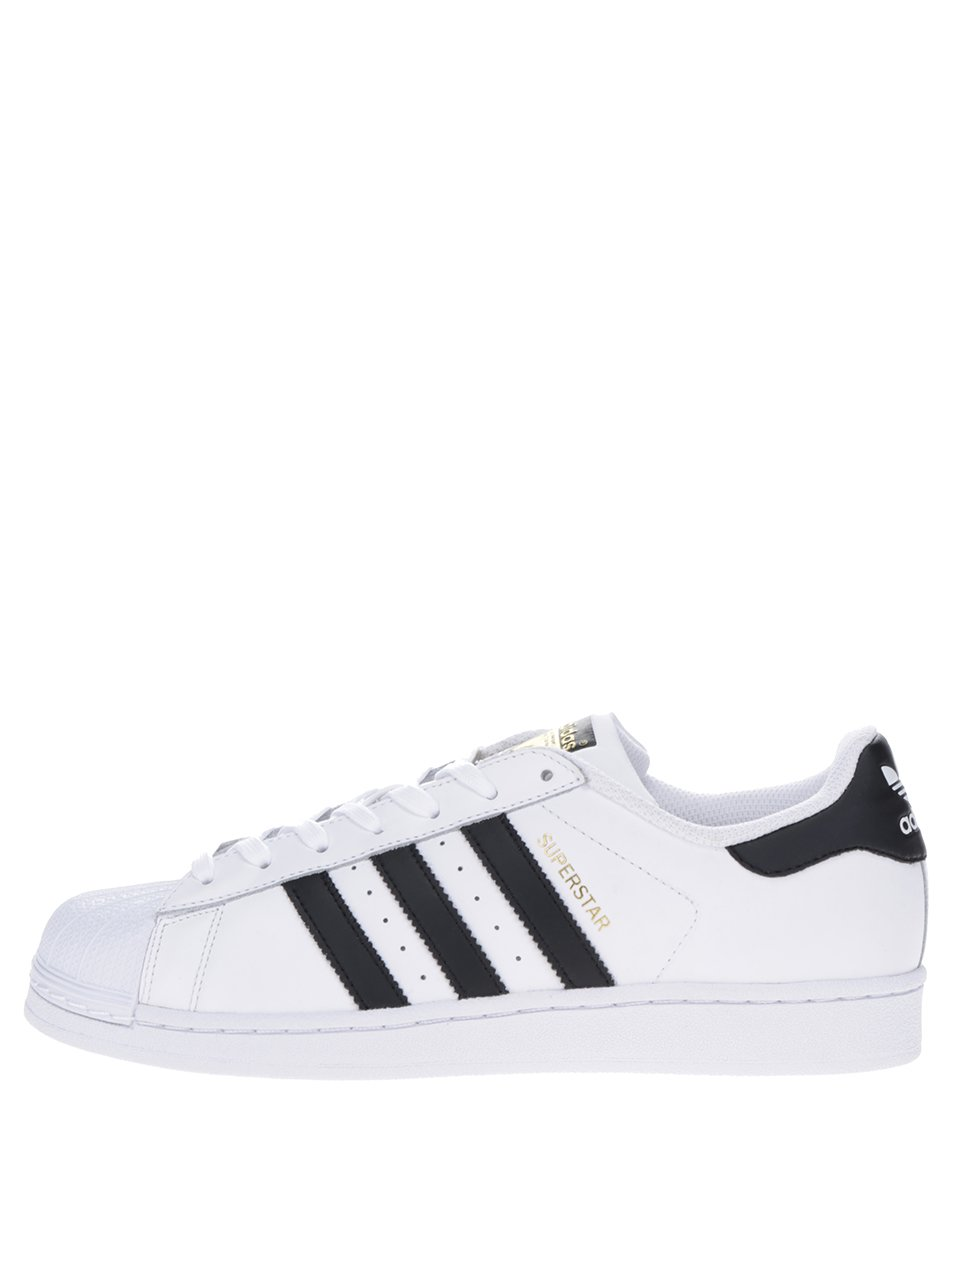 15c04d8dbaf Bílé pánské tenisky adidas Originals Superstar